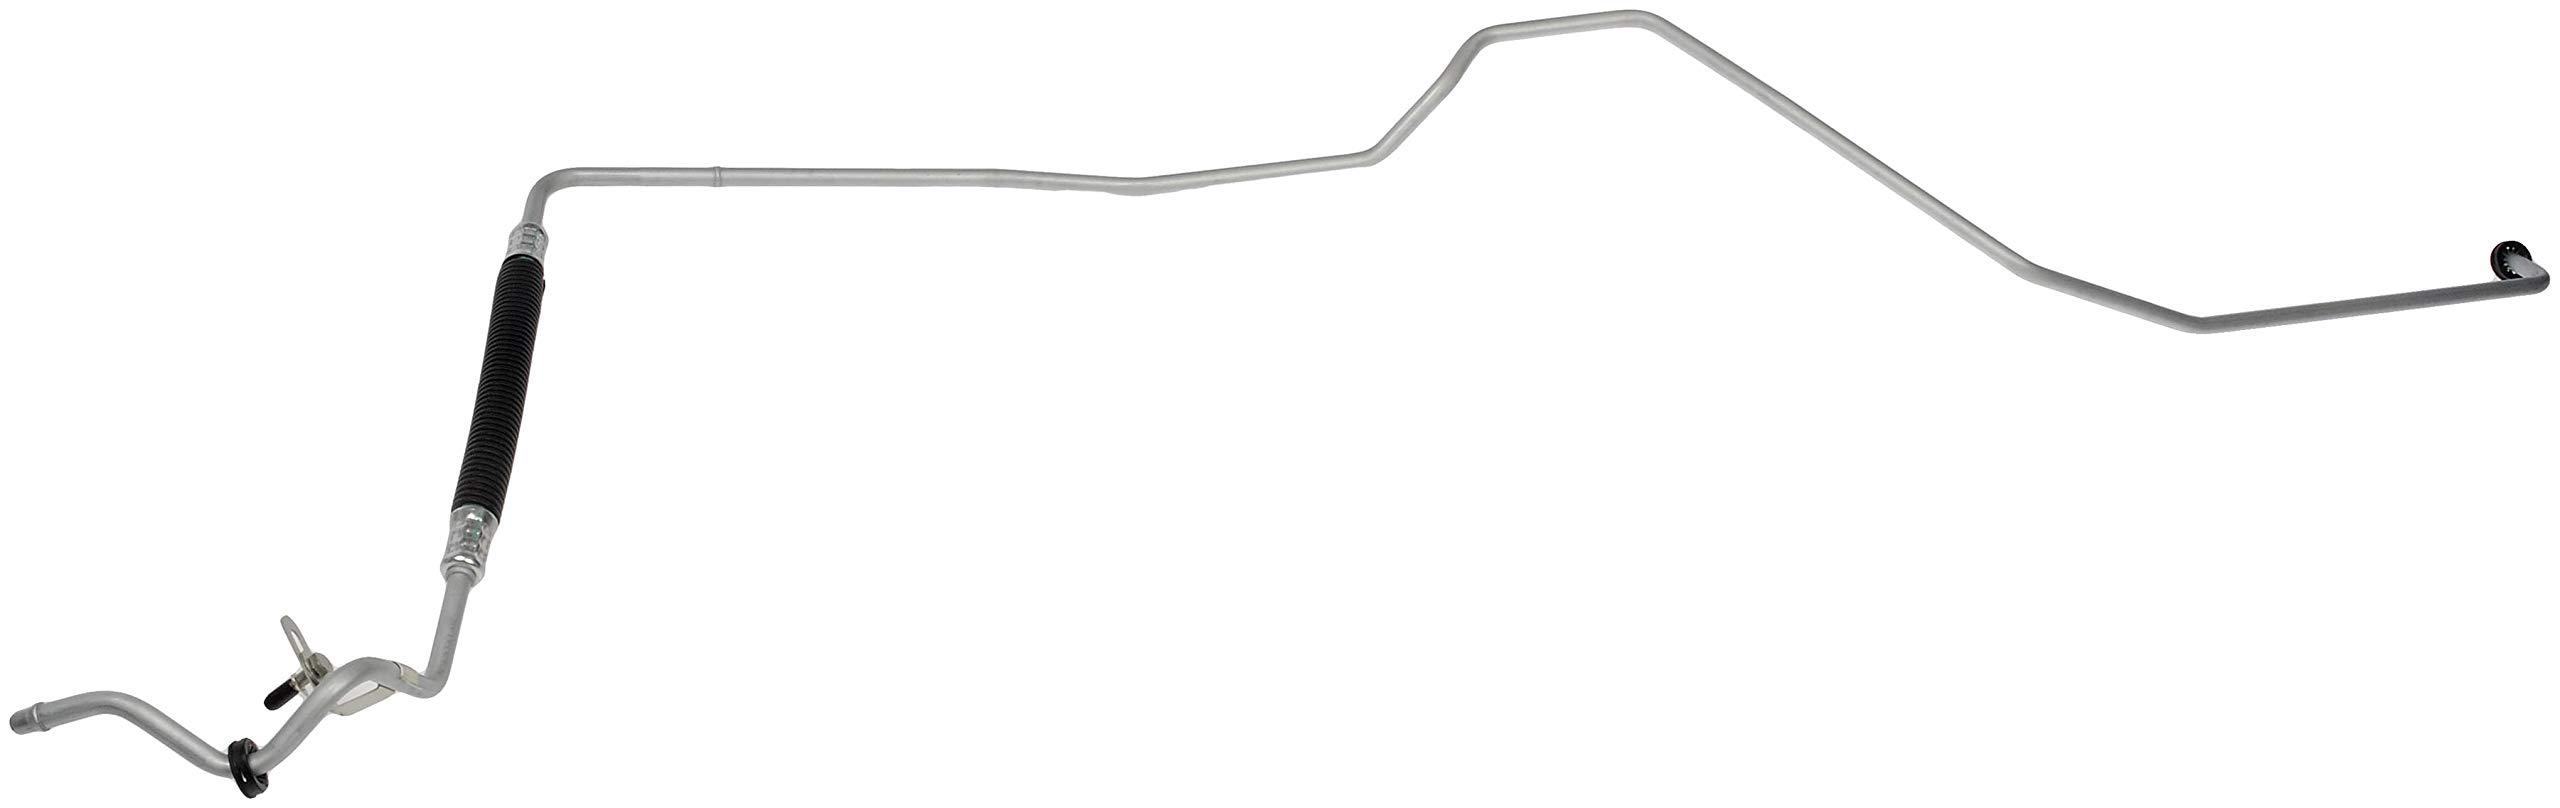 Dorman 624-520 Transmission Oil Cooler Line for Select Chevrolet / GMC Models